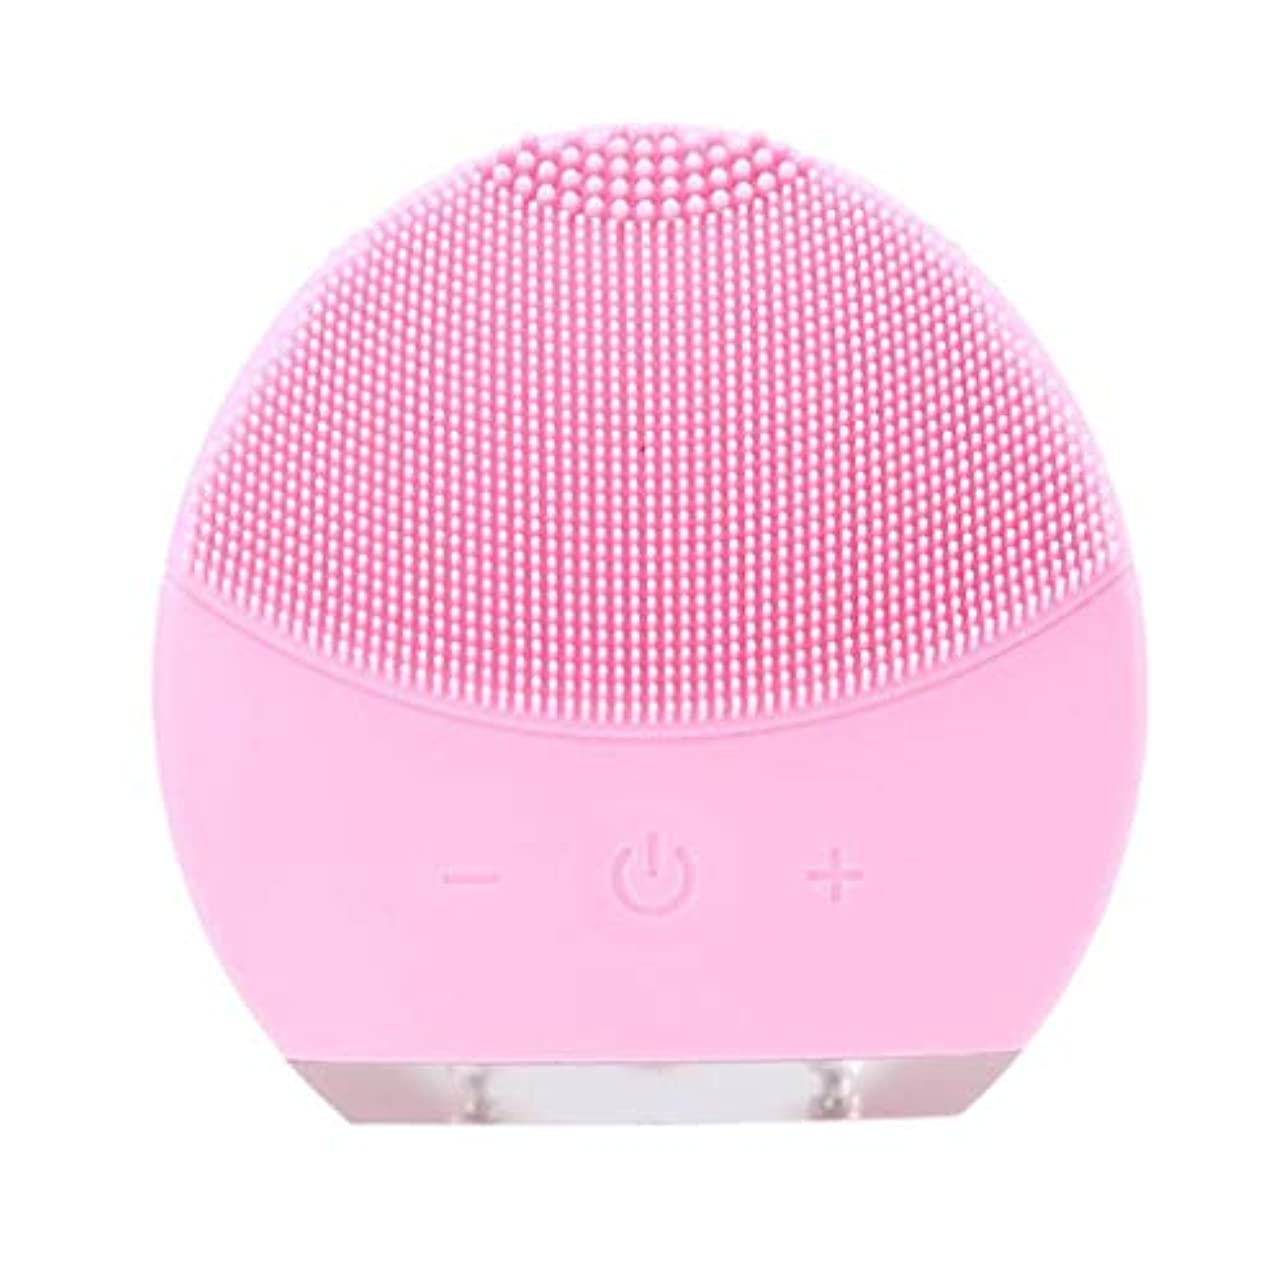 チップ駅ひばり超音波振動美容機器洗浄器、皮膚の毛穴を最小限に抑えるマイクロダーマブレーション毛穴、USB 充電と防水,Pink